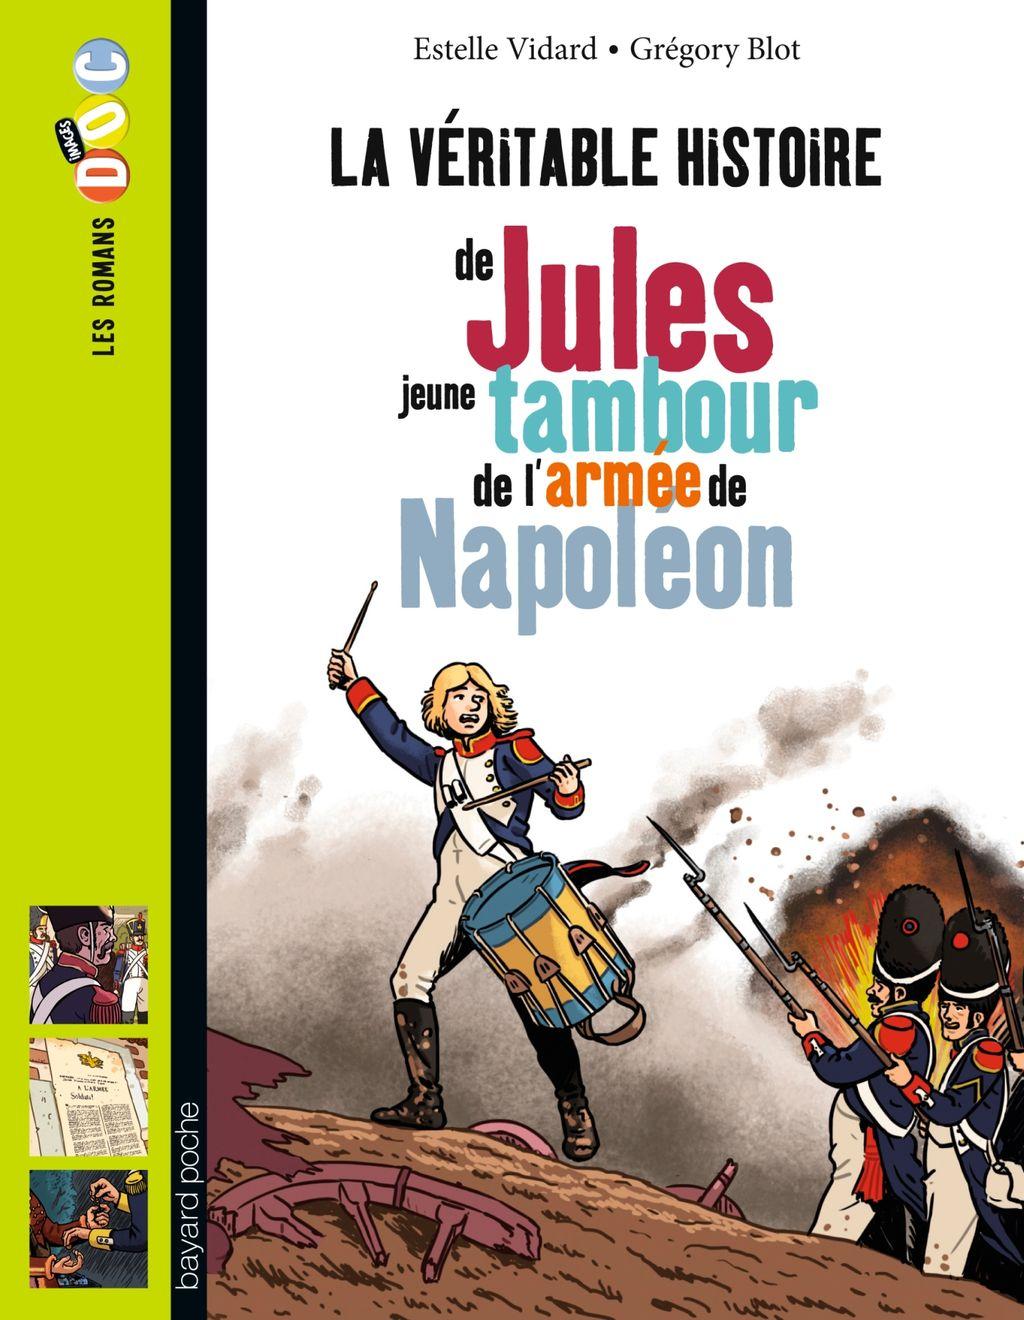 «La véritable histoire de Jules, jeune tambour dans l'armée de Napoléon» cover